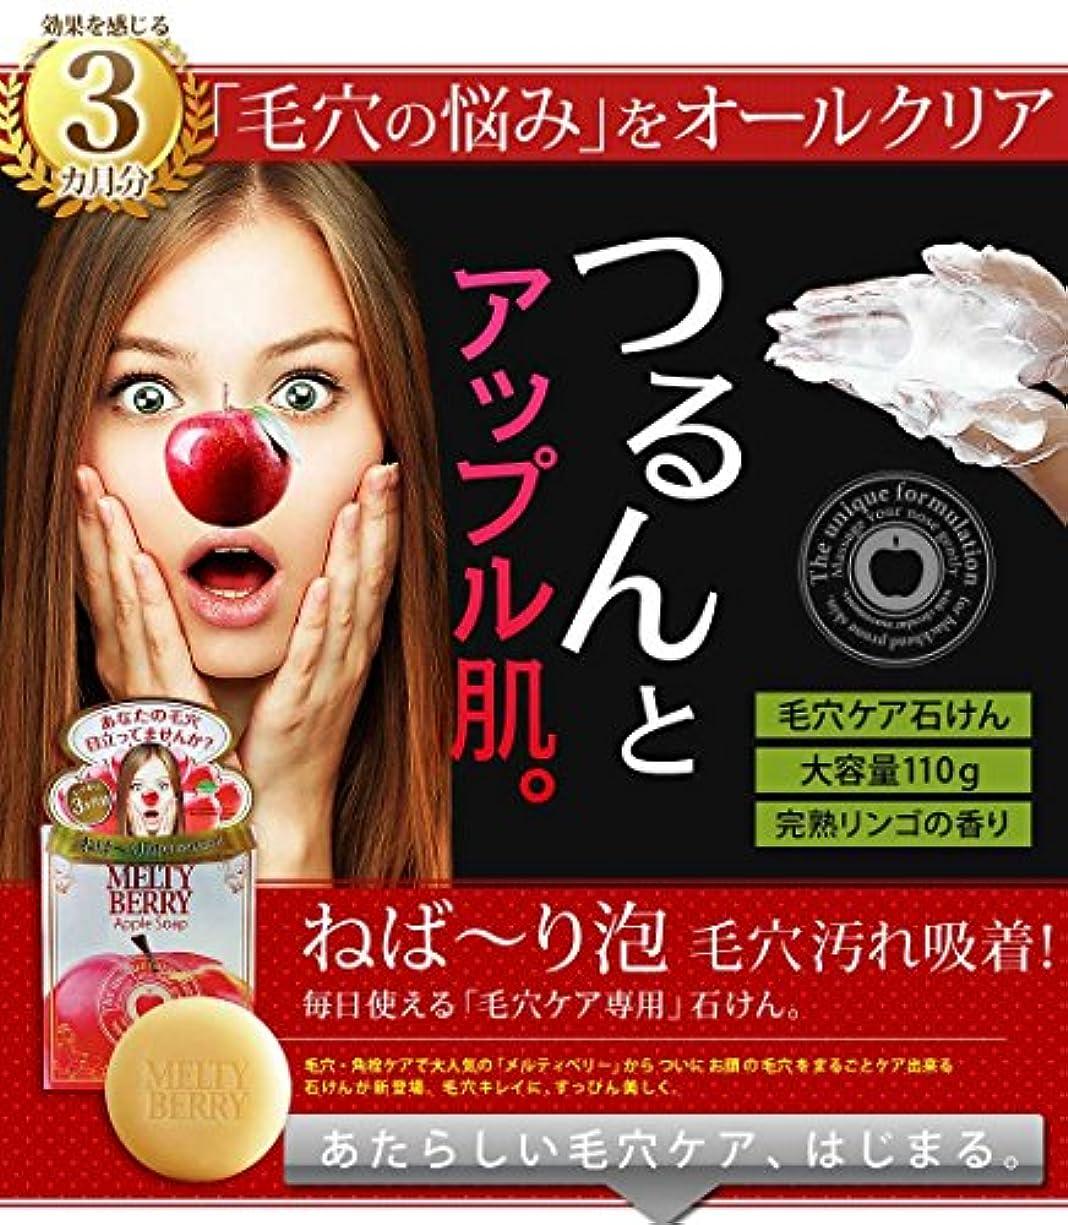 アンペアユーモラス仕方メルティベリーアップルソープ 2個セット(毛穴対策用洗顔石鹸)